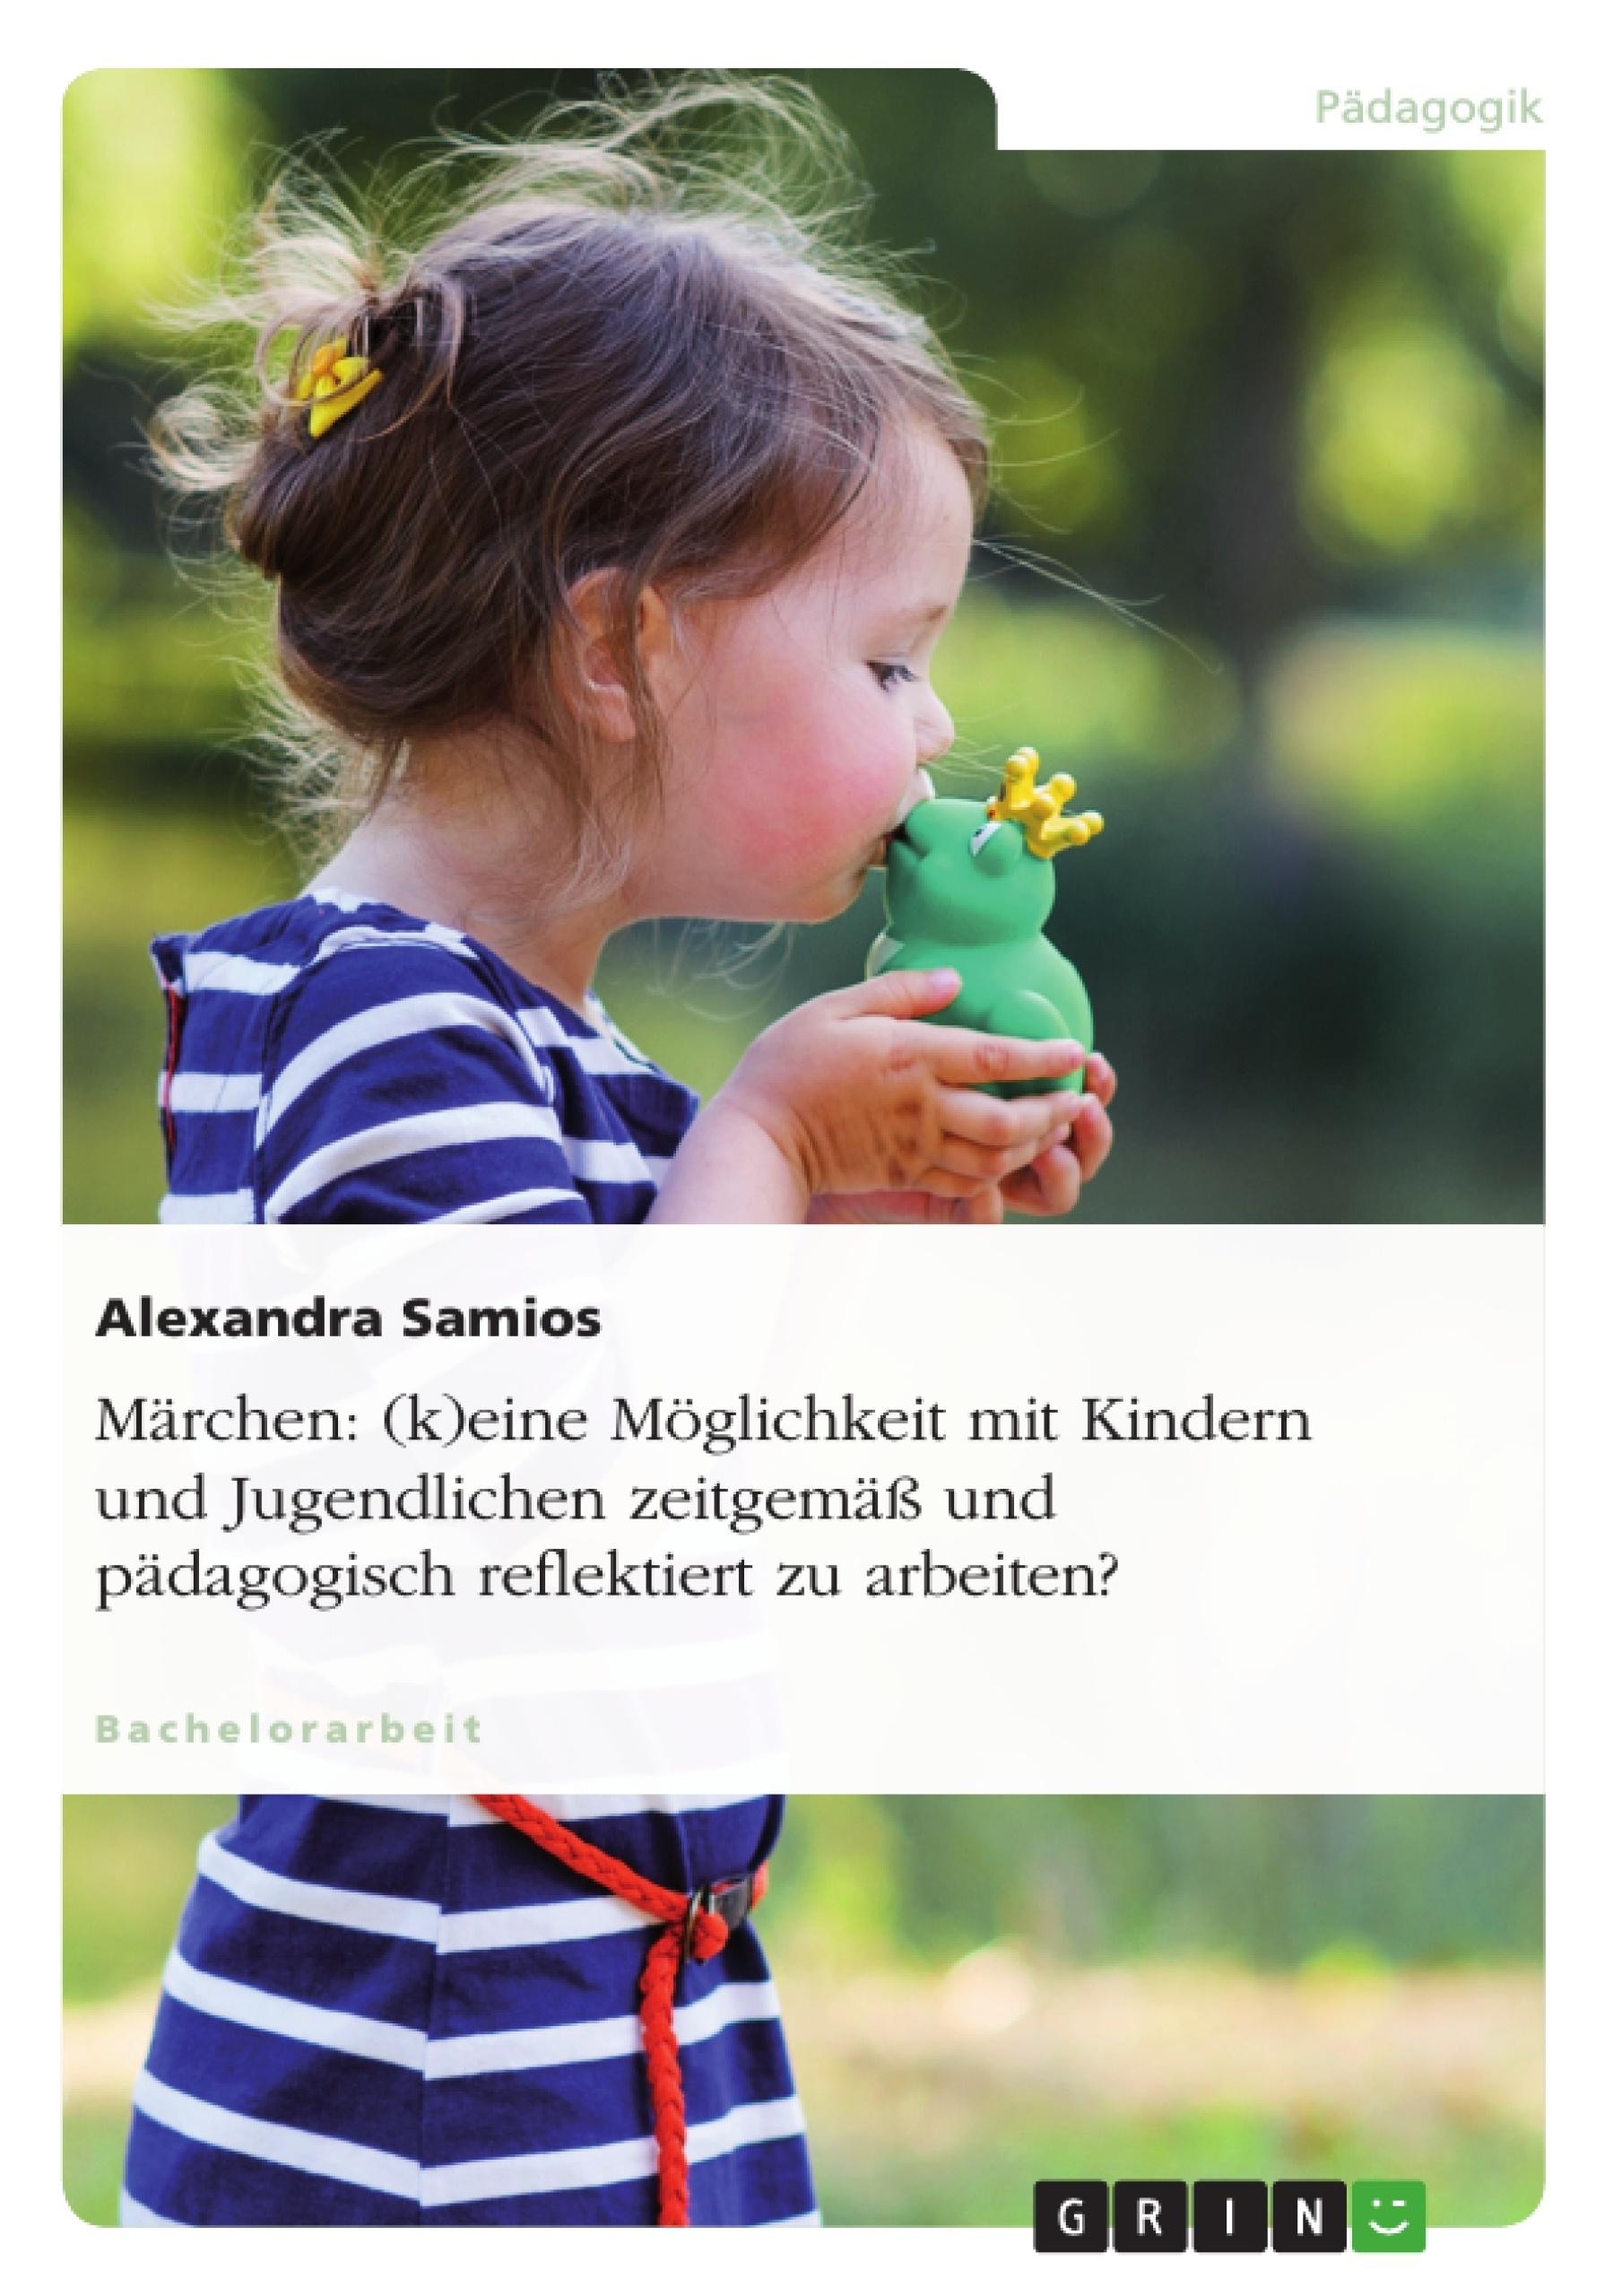 Titel: Märchen: (k)eine Möglichkeit mit Kindern und Jugendlichen zeitgemäß und pädagogisch reflektiert zu arbeiten?